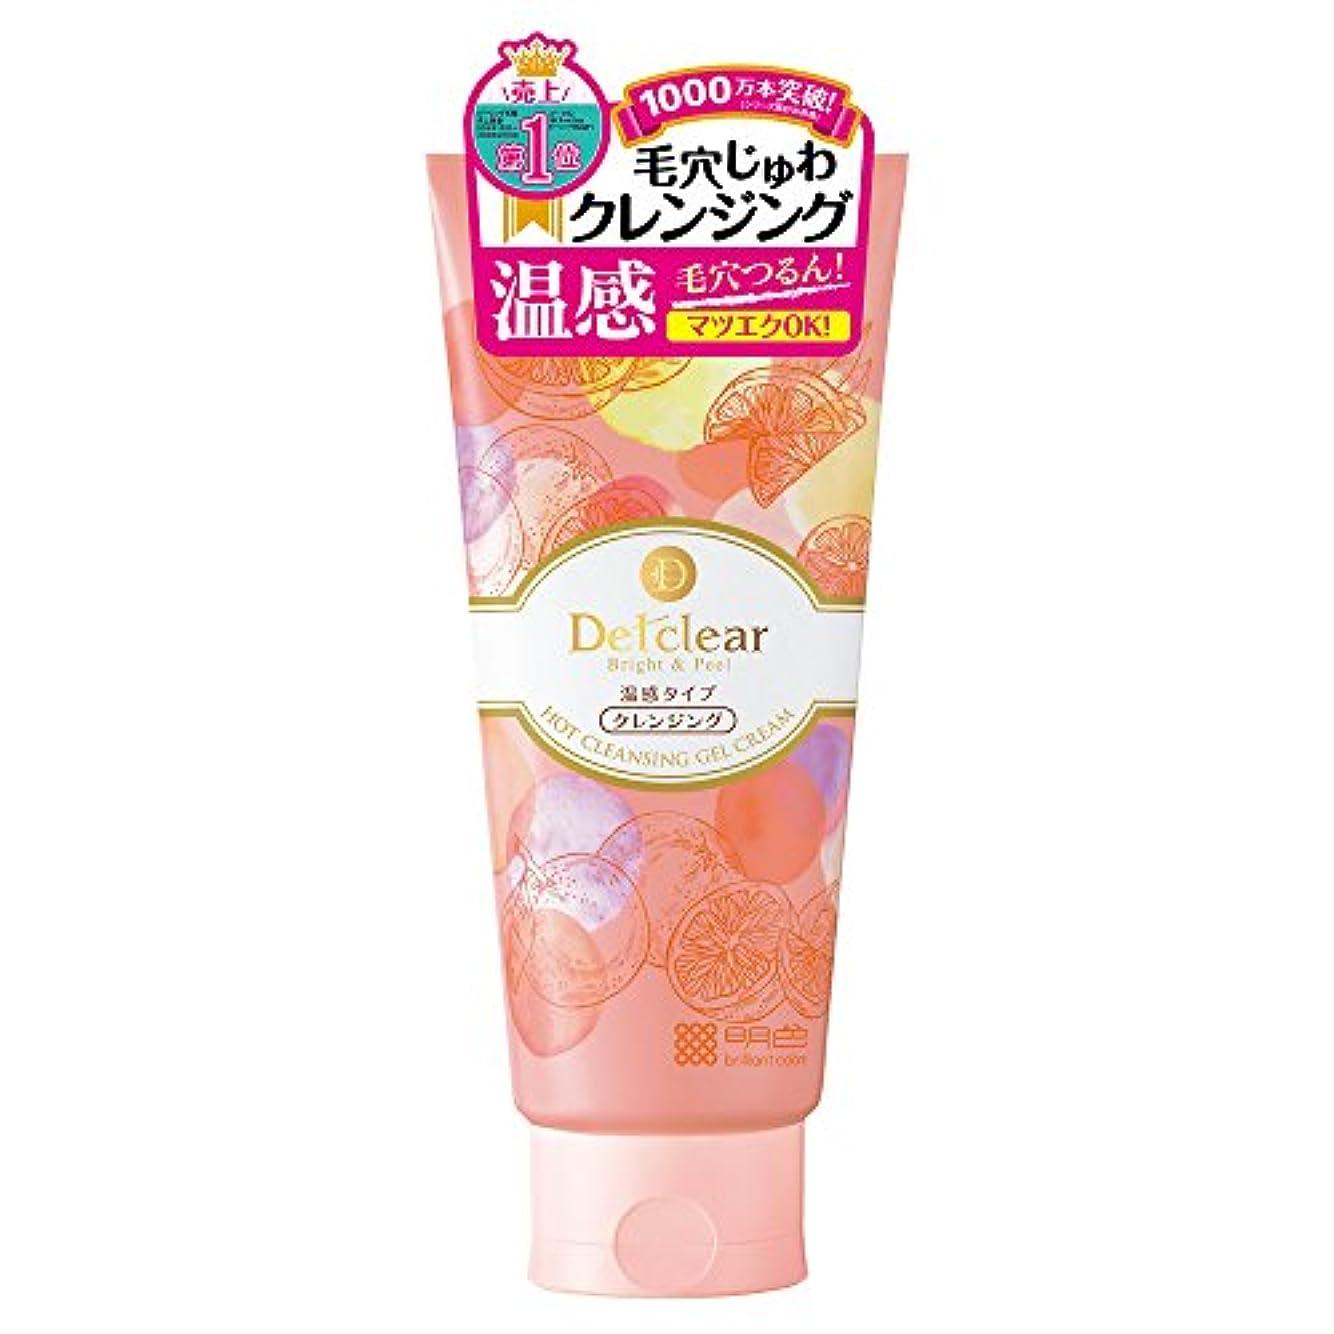 呪われたグリーンバック航空会社DETクリア ブライト&ピール ホットクレンジング ジェルクリーム 200g (日本製) ベルガモットオレンジの香り